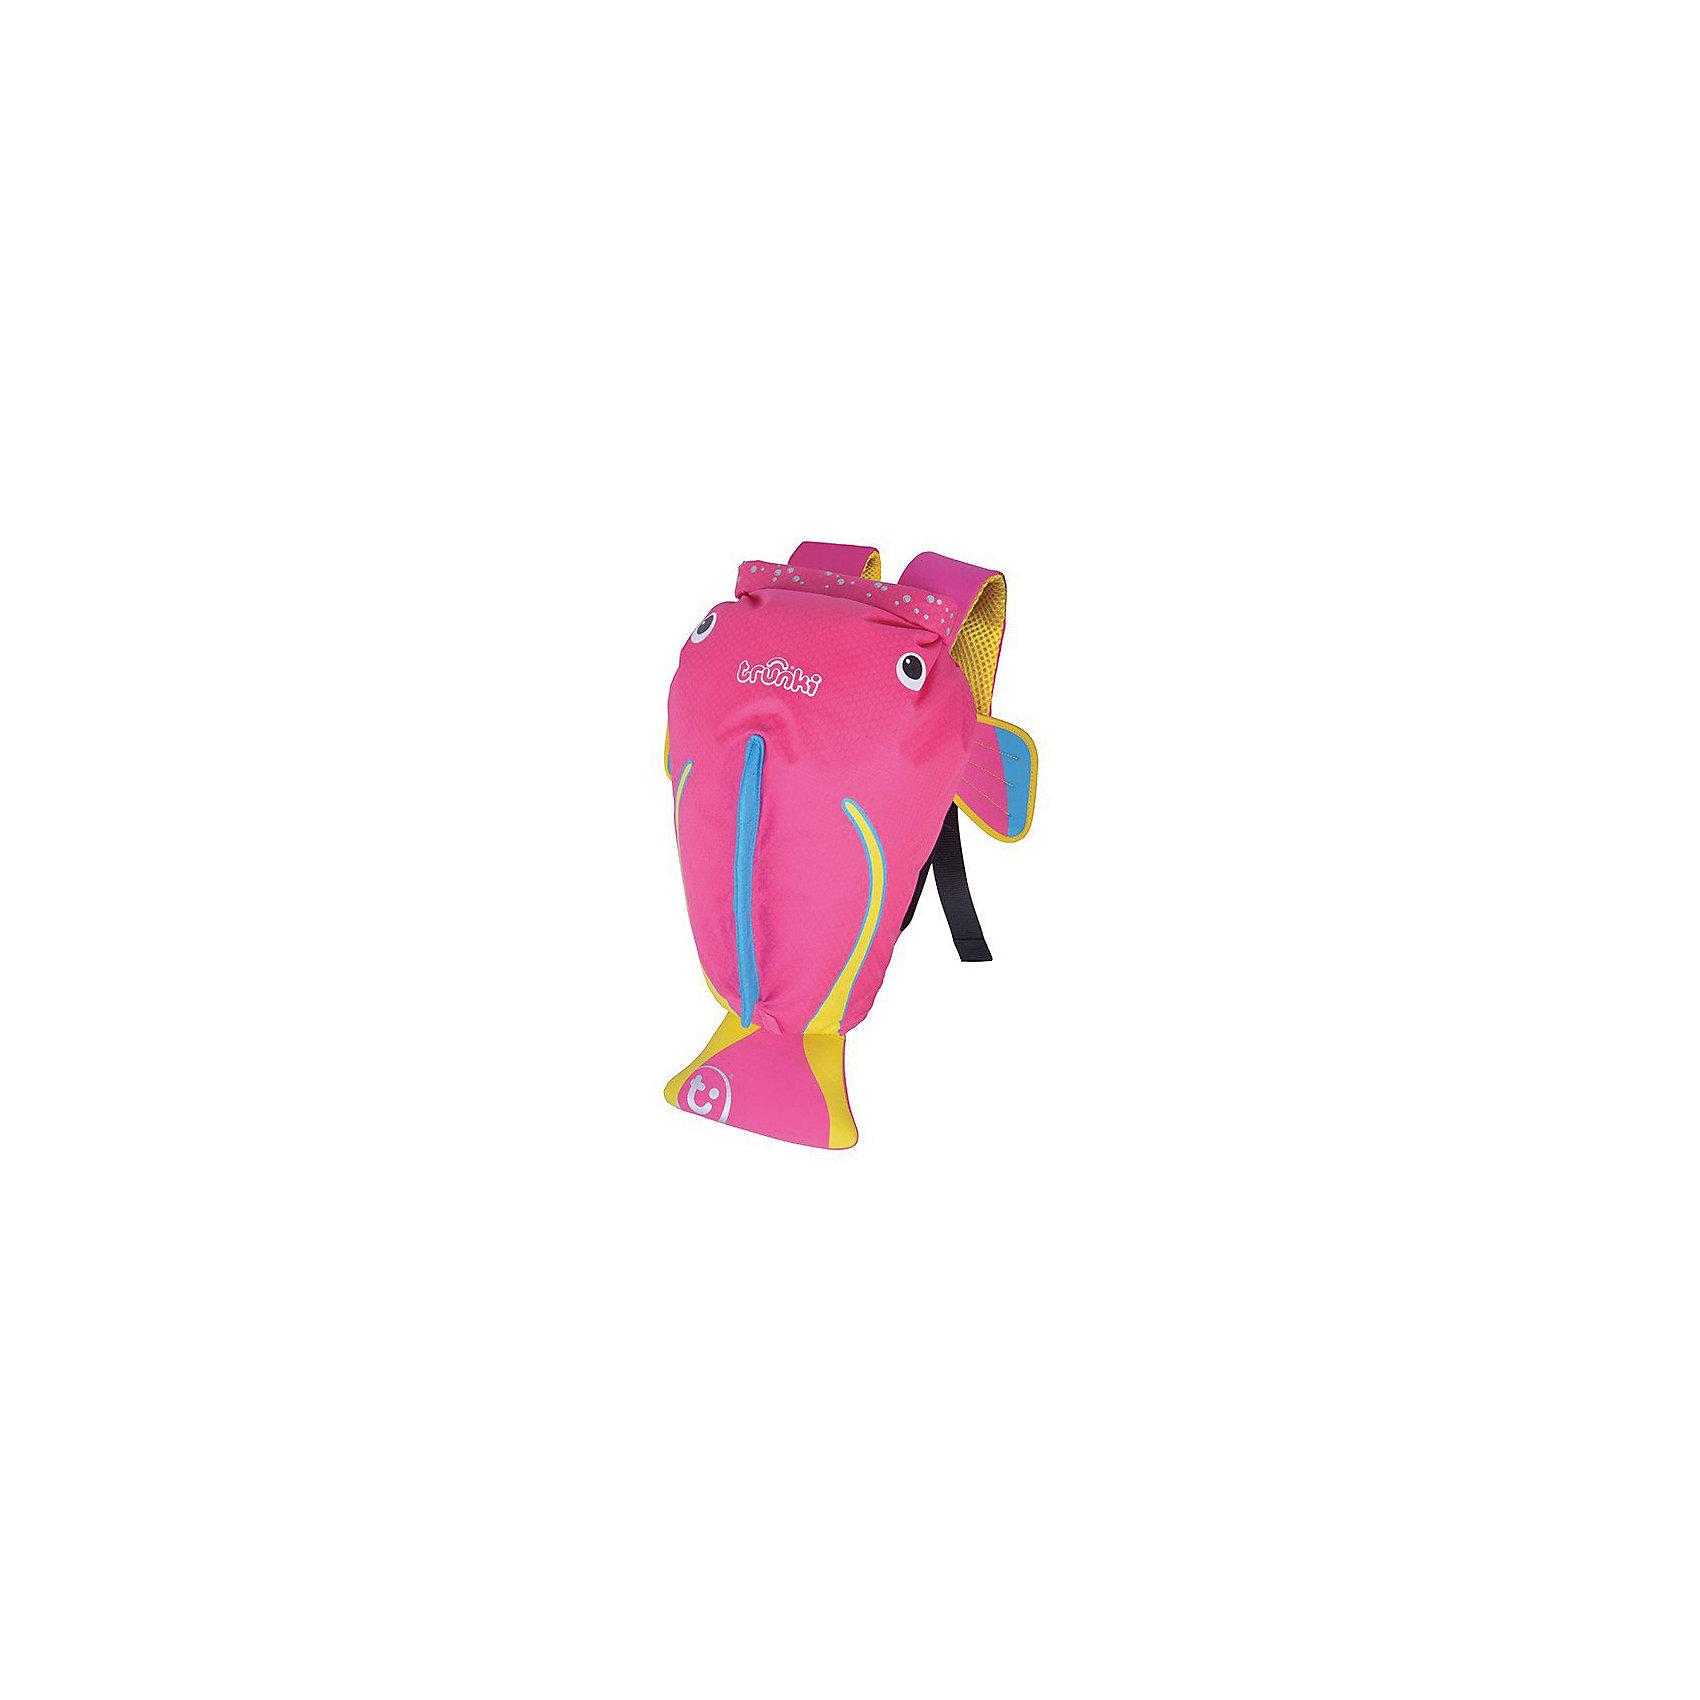 Рюкзак для бассейна и пляжа Коралловая рыбкаДетские рюкзаки<br>Яркий и стильный рюкзак для бассейна и пляжа Коралловая рыбка от мирового производителя детских чемоданов и дорожный аксессуаров Транки (Trunki) - отличный подарок для маленьких путешественников! <br><br>Рюкзак выполнен в виде розовой рыбки с хвостиком и плавниками. Материал, из которого сделан рюкзак, водоотталкивающий, а это значит, что малышу не придется волноваться за то, что его вещи и любимые игрушки могут промокнуть. <br><br>Рюкзак для бассейна и пляжа оснащен специальным креплением Trunki, с помощью которого к рюкзаку можно подвесить детские солнцезащитные очки. Рюкзак имеет светоотражающую отделку, а также карман в виде плавника, куда можно положить различные мелочи.  <br><br>Основные характеристики:<br><br><br>водоотталкивающий материал,<br>надежная и простая застежка,<br>широкие лямки обеспечивают удобную посадку и снижают давление,<br>карман на молнии в хвосте рыбки,<br>держатель для солнцезащитных очков,<br>вставки из сетчатой дышащей ткани на спинке,<br>светоотражающие вставки,<br>благодаря размеру идеально подходит для раздевалок в бассейне или в школе.<br><br><br>Рюкзак Trunki – незаменимый аксессуар для девочек и прекрасный подарок для походов в бассейн или на пляж.<br><br>Ширина мм: 290<br>Глубина мм: 170<br>Высота мм: 370<br>Вес г: 300<br>Возраст от месяцев: 36<br>Возраст до месяцев: 2147483647<br>Пол: Унисекс<br>Возраст: Детский<br>SKU: 5509341